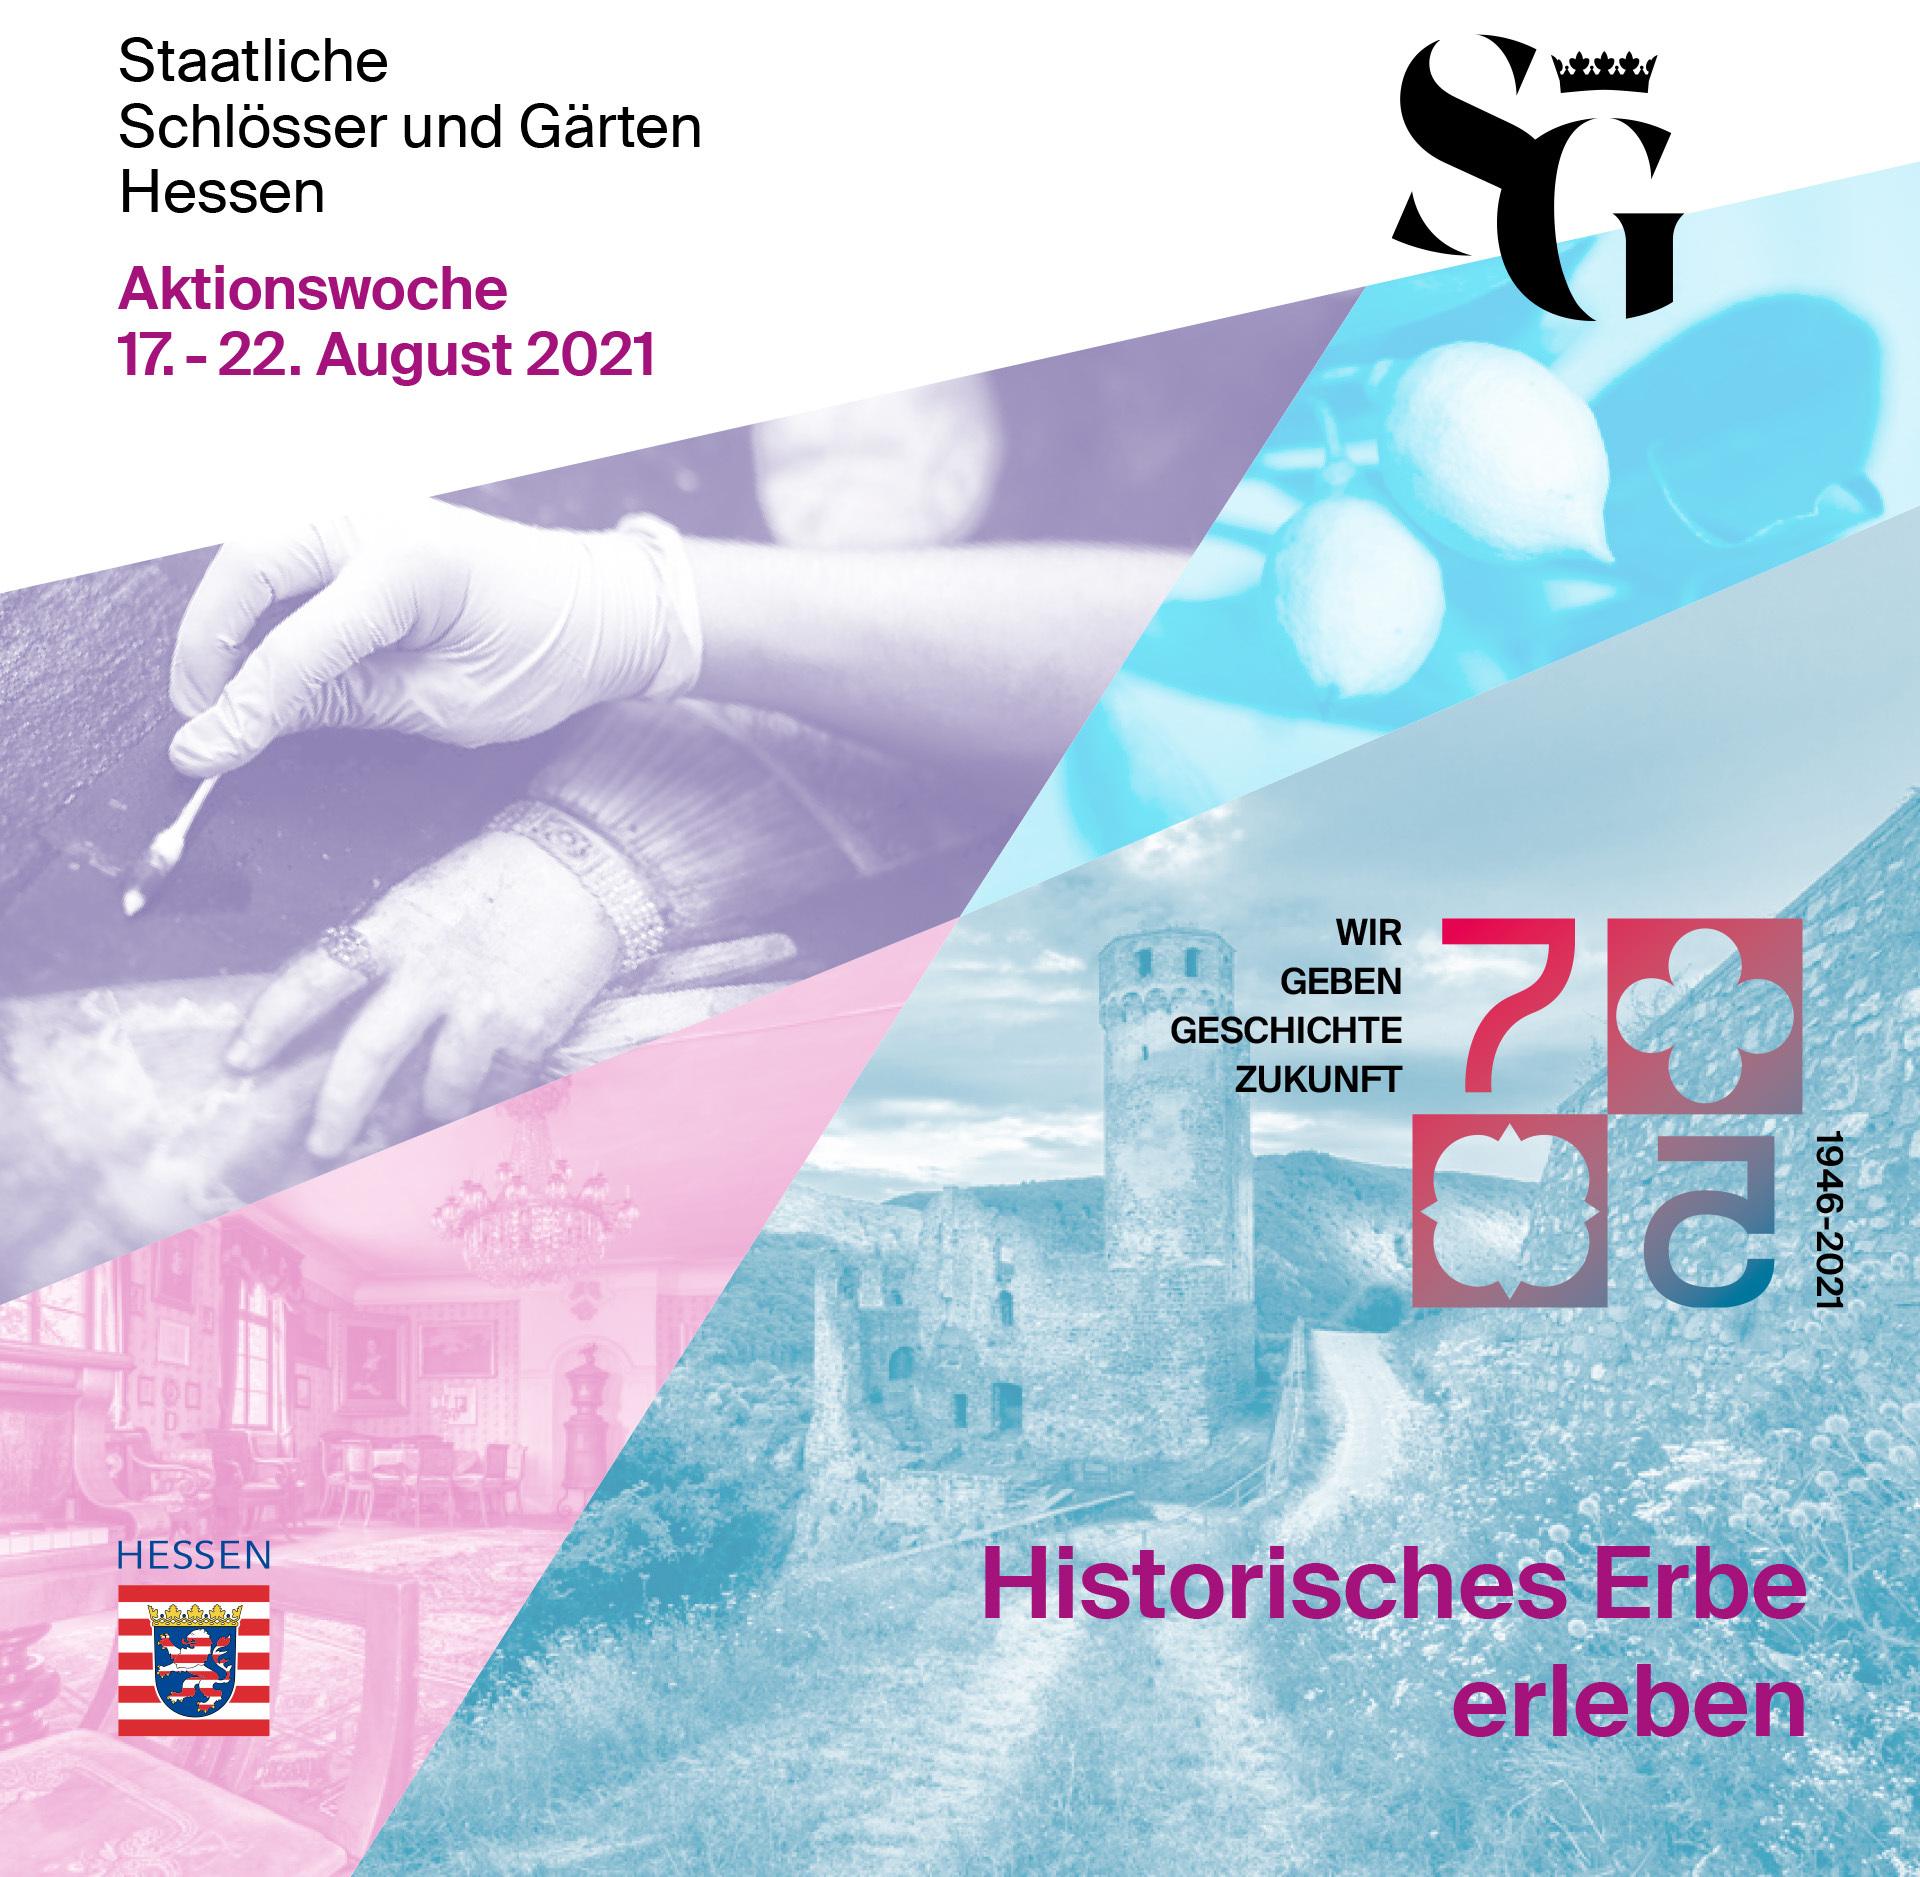 Titelbild der Broschüre zur Aktionswoche Historisches Erbe erleben